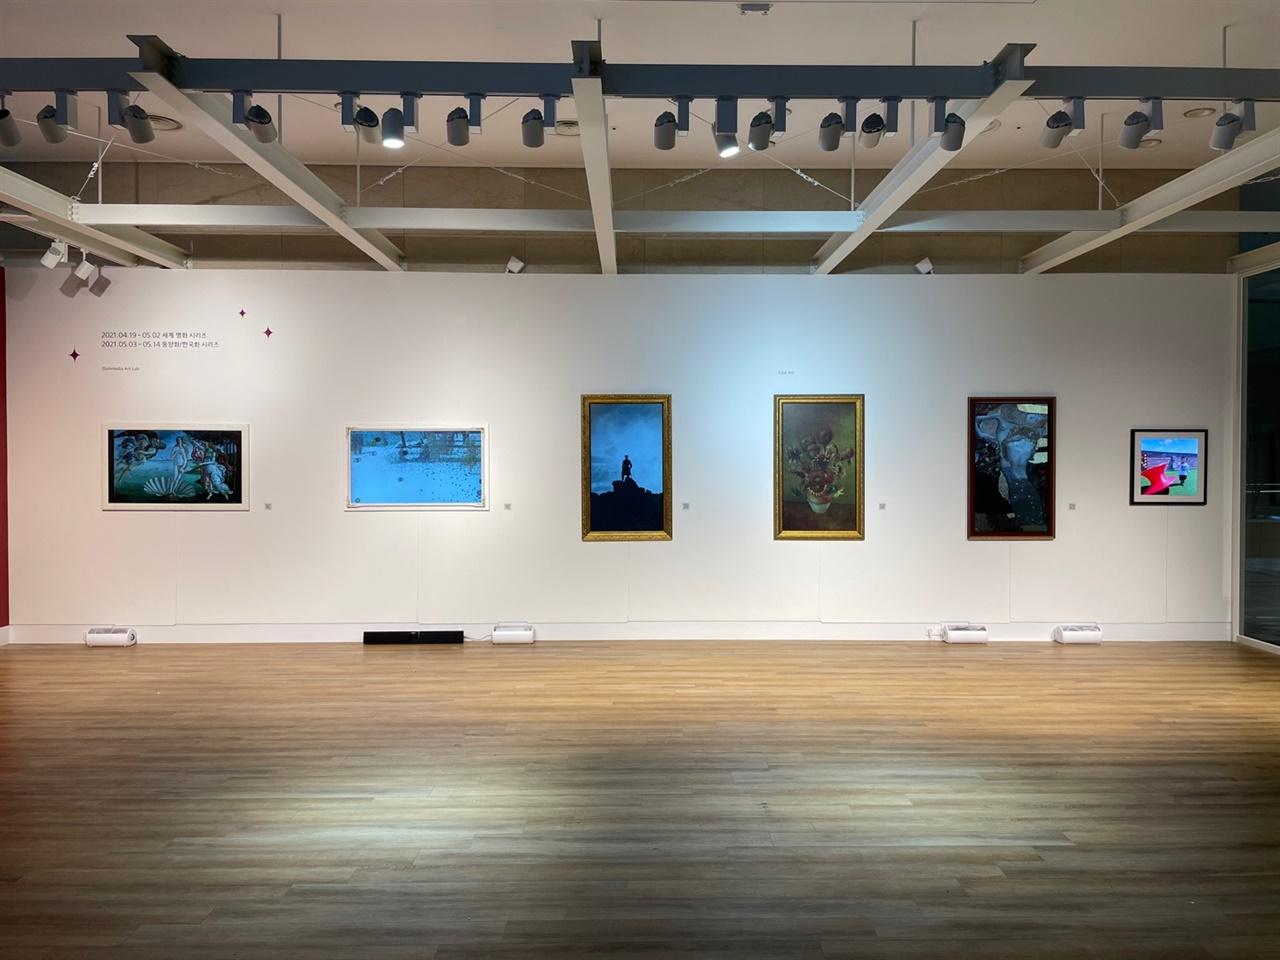 엘팩토리 기획으로 블루캔버스를 활용한 '디지털로 찾아가는 미술관'